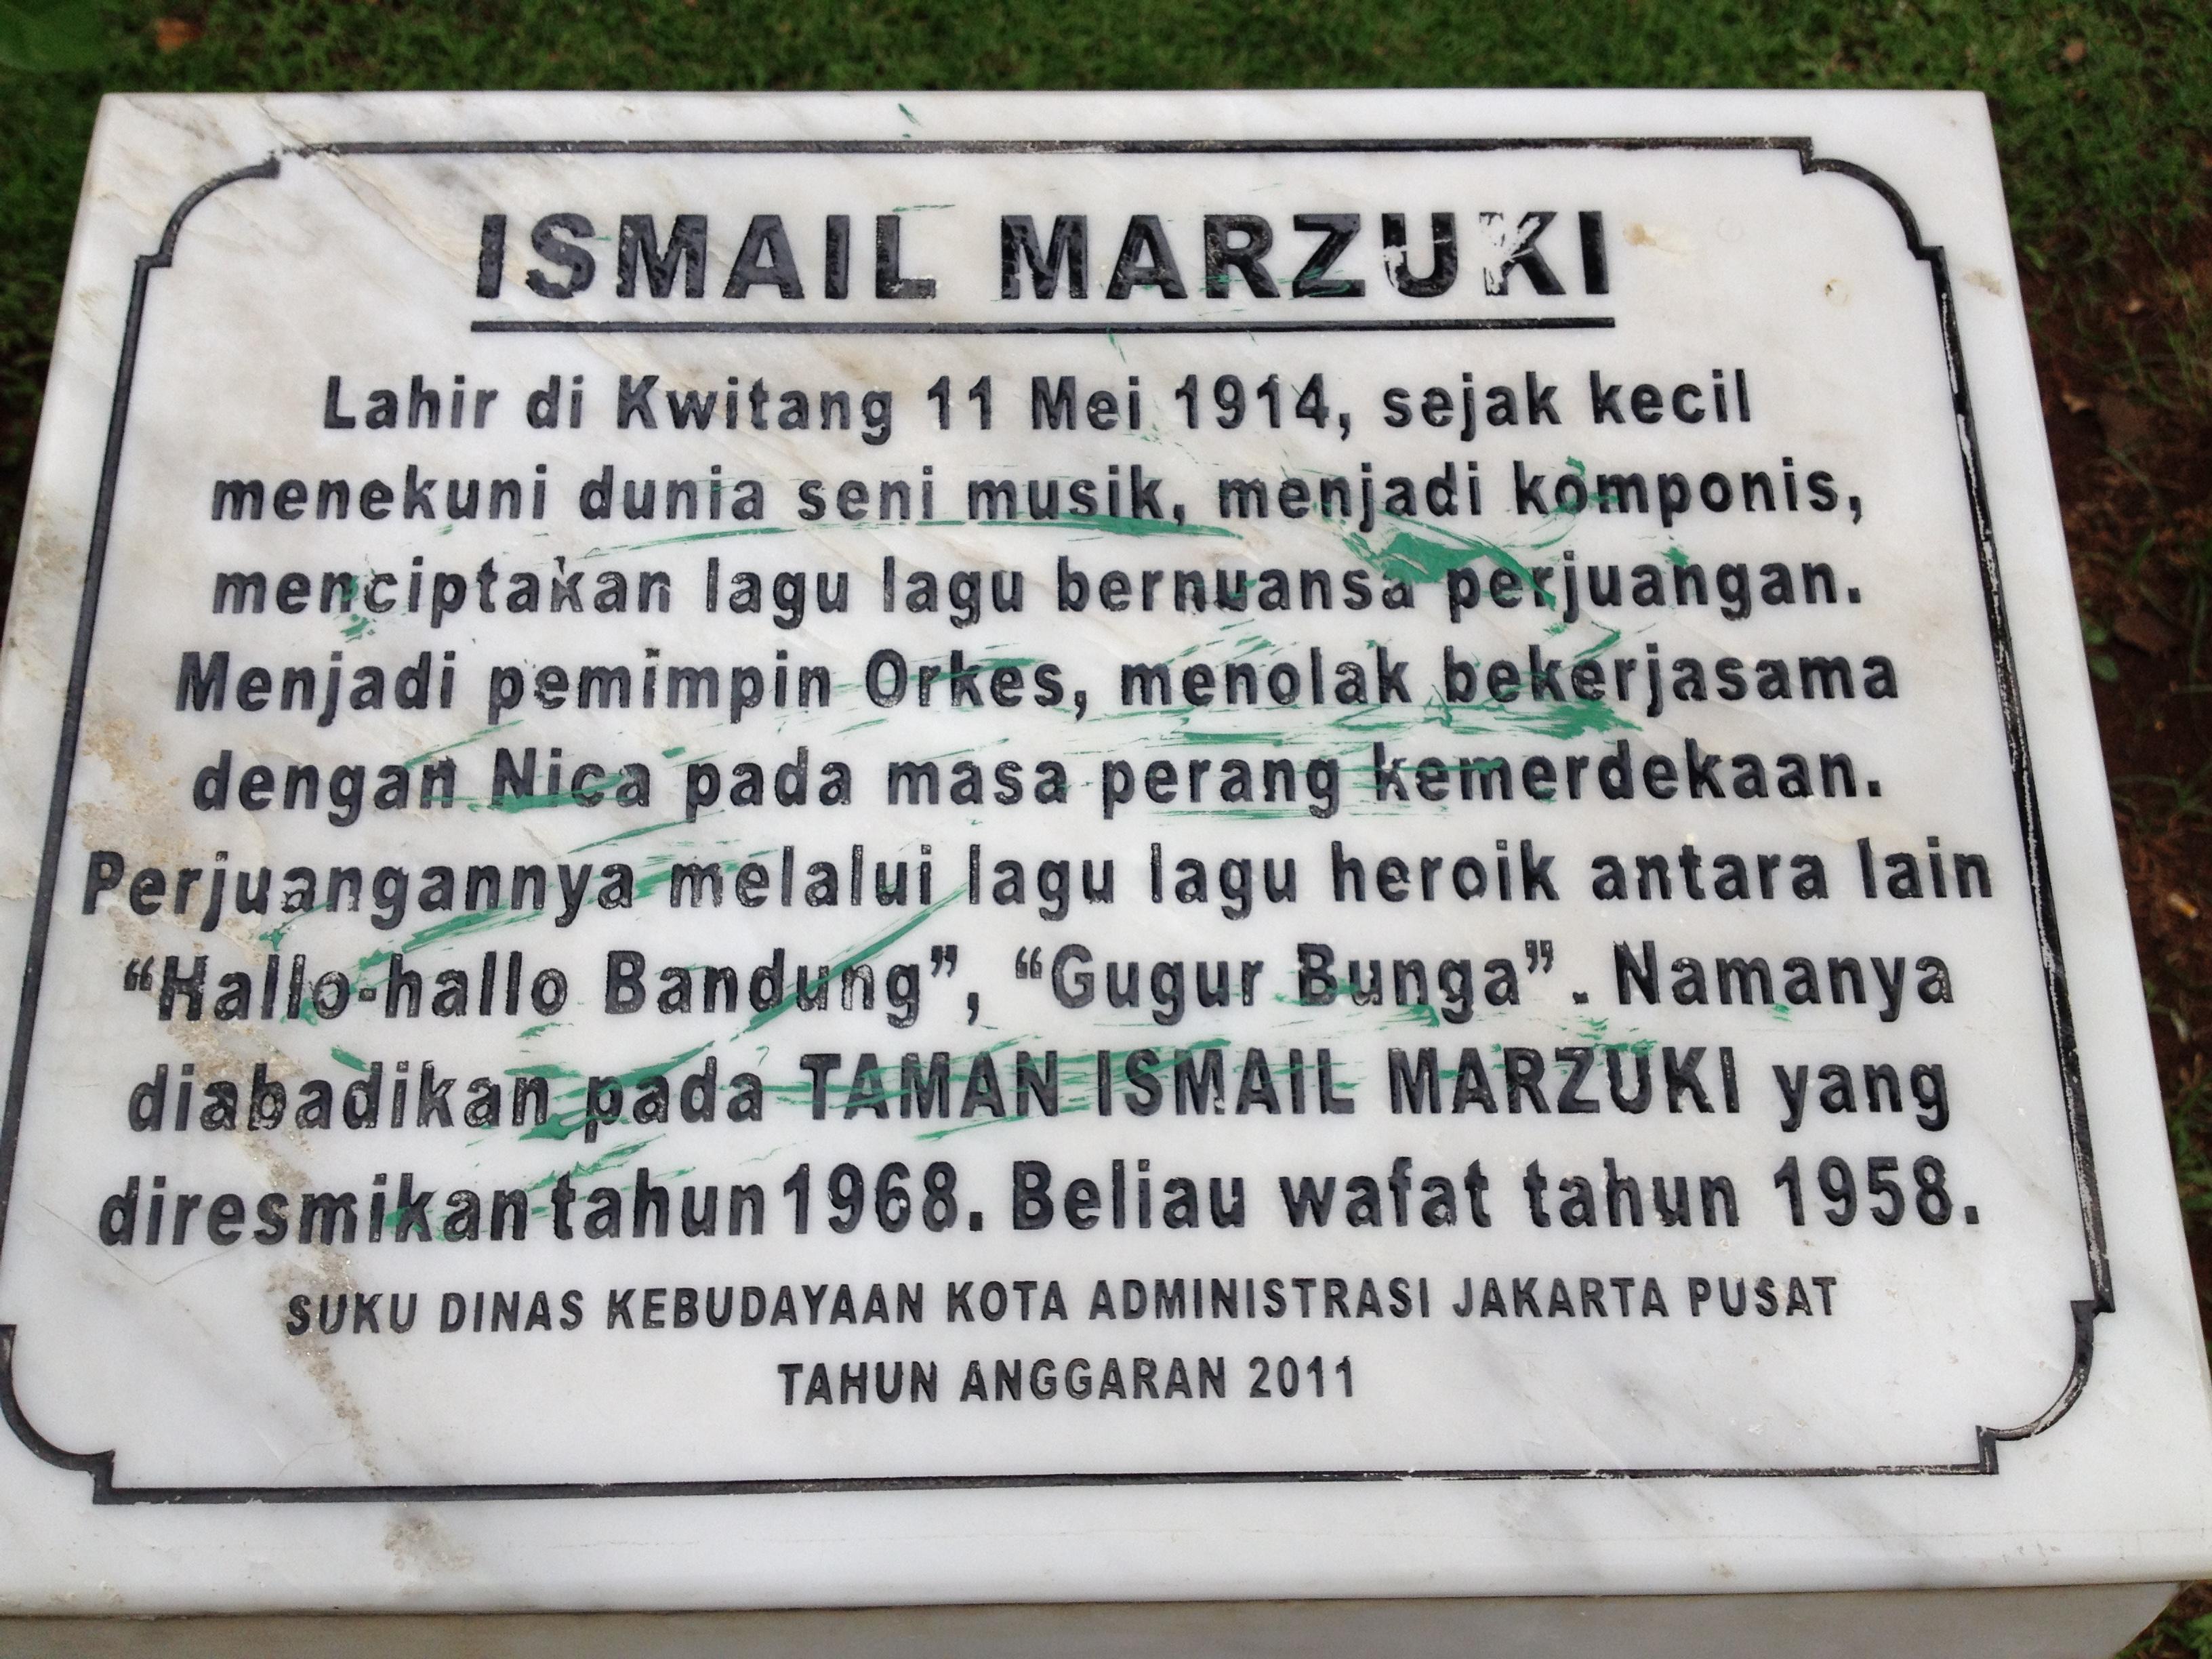 Wisata Sejarah Museum Joang 45 Taman Ismail Marzuki Dwipayana Cool